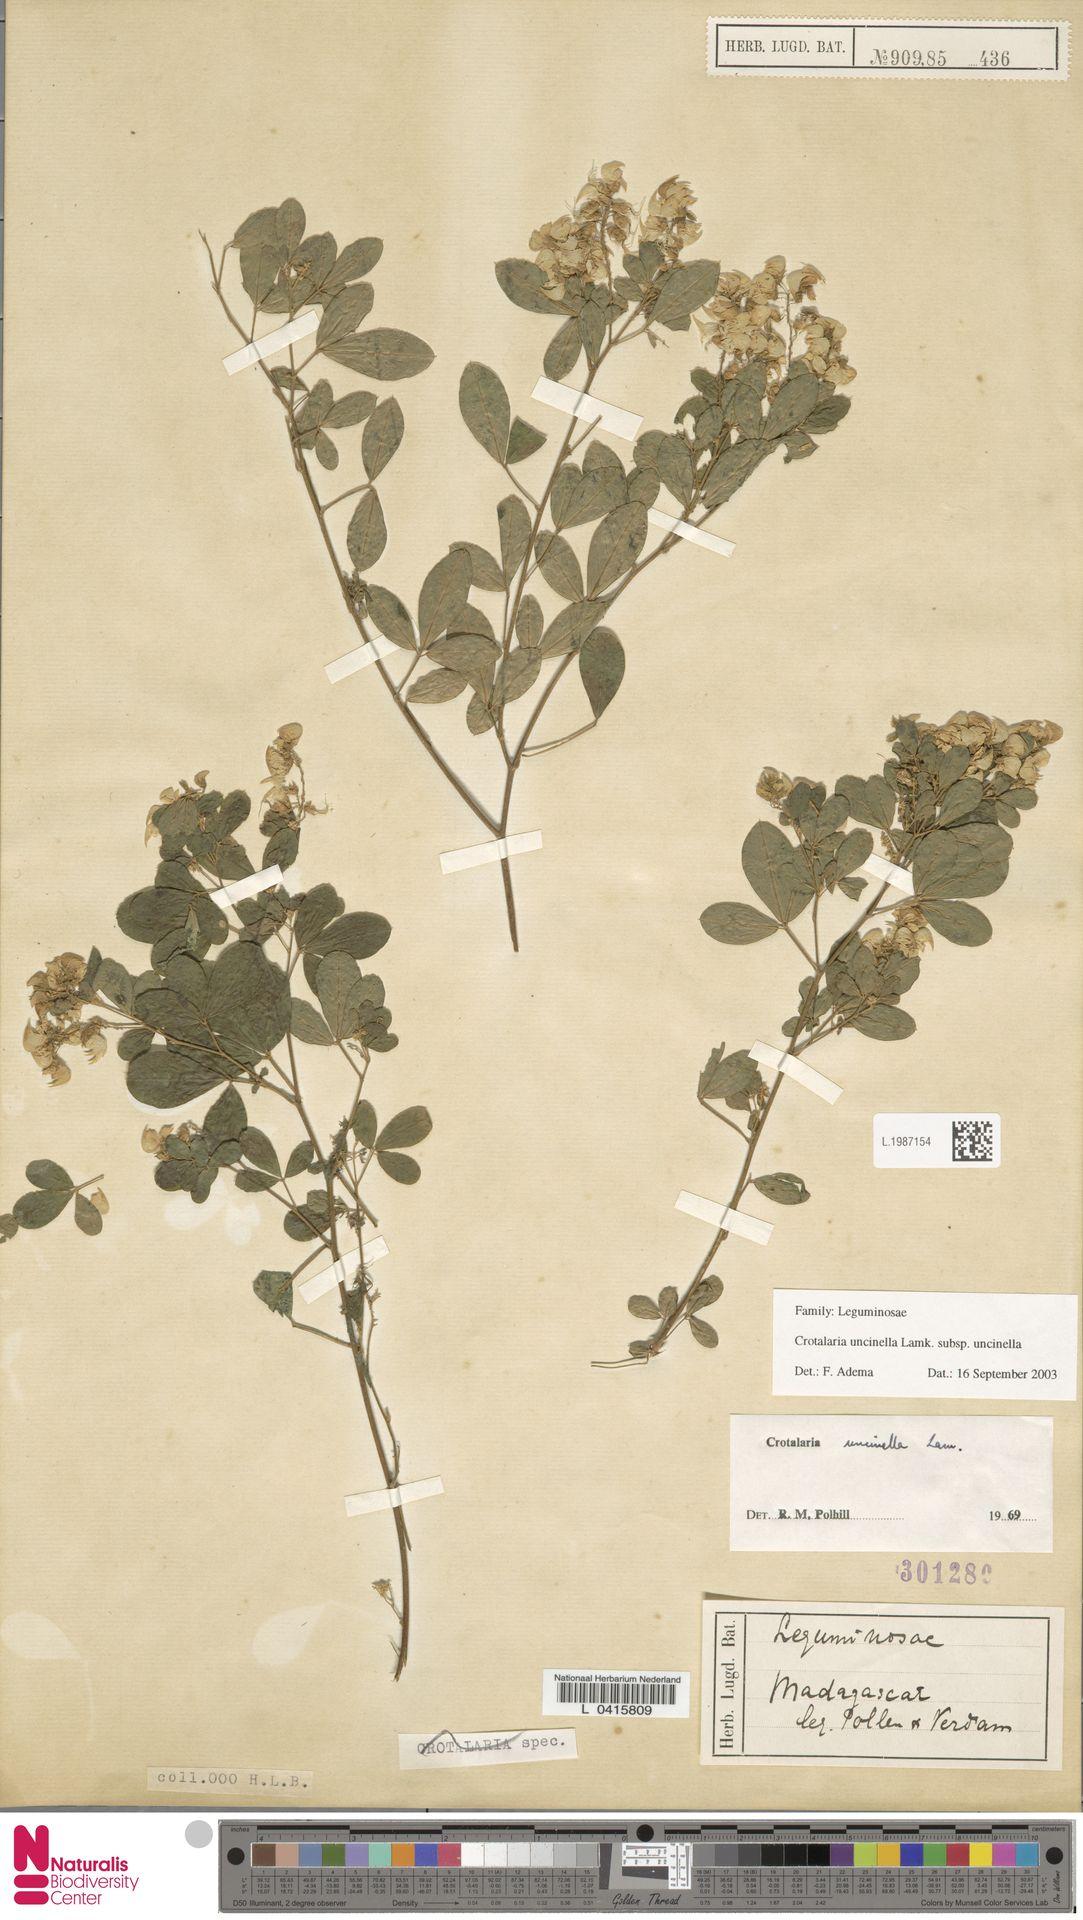 L.1987154 | Crotalaria uncinella subsp. uncinella